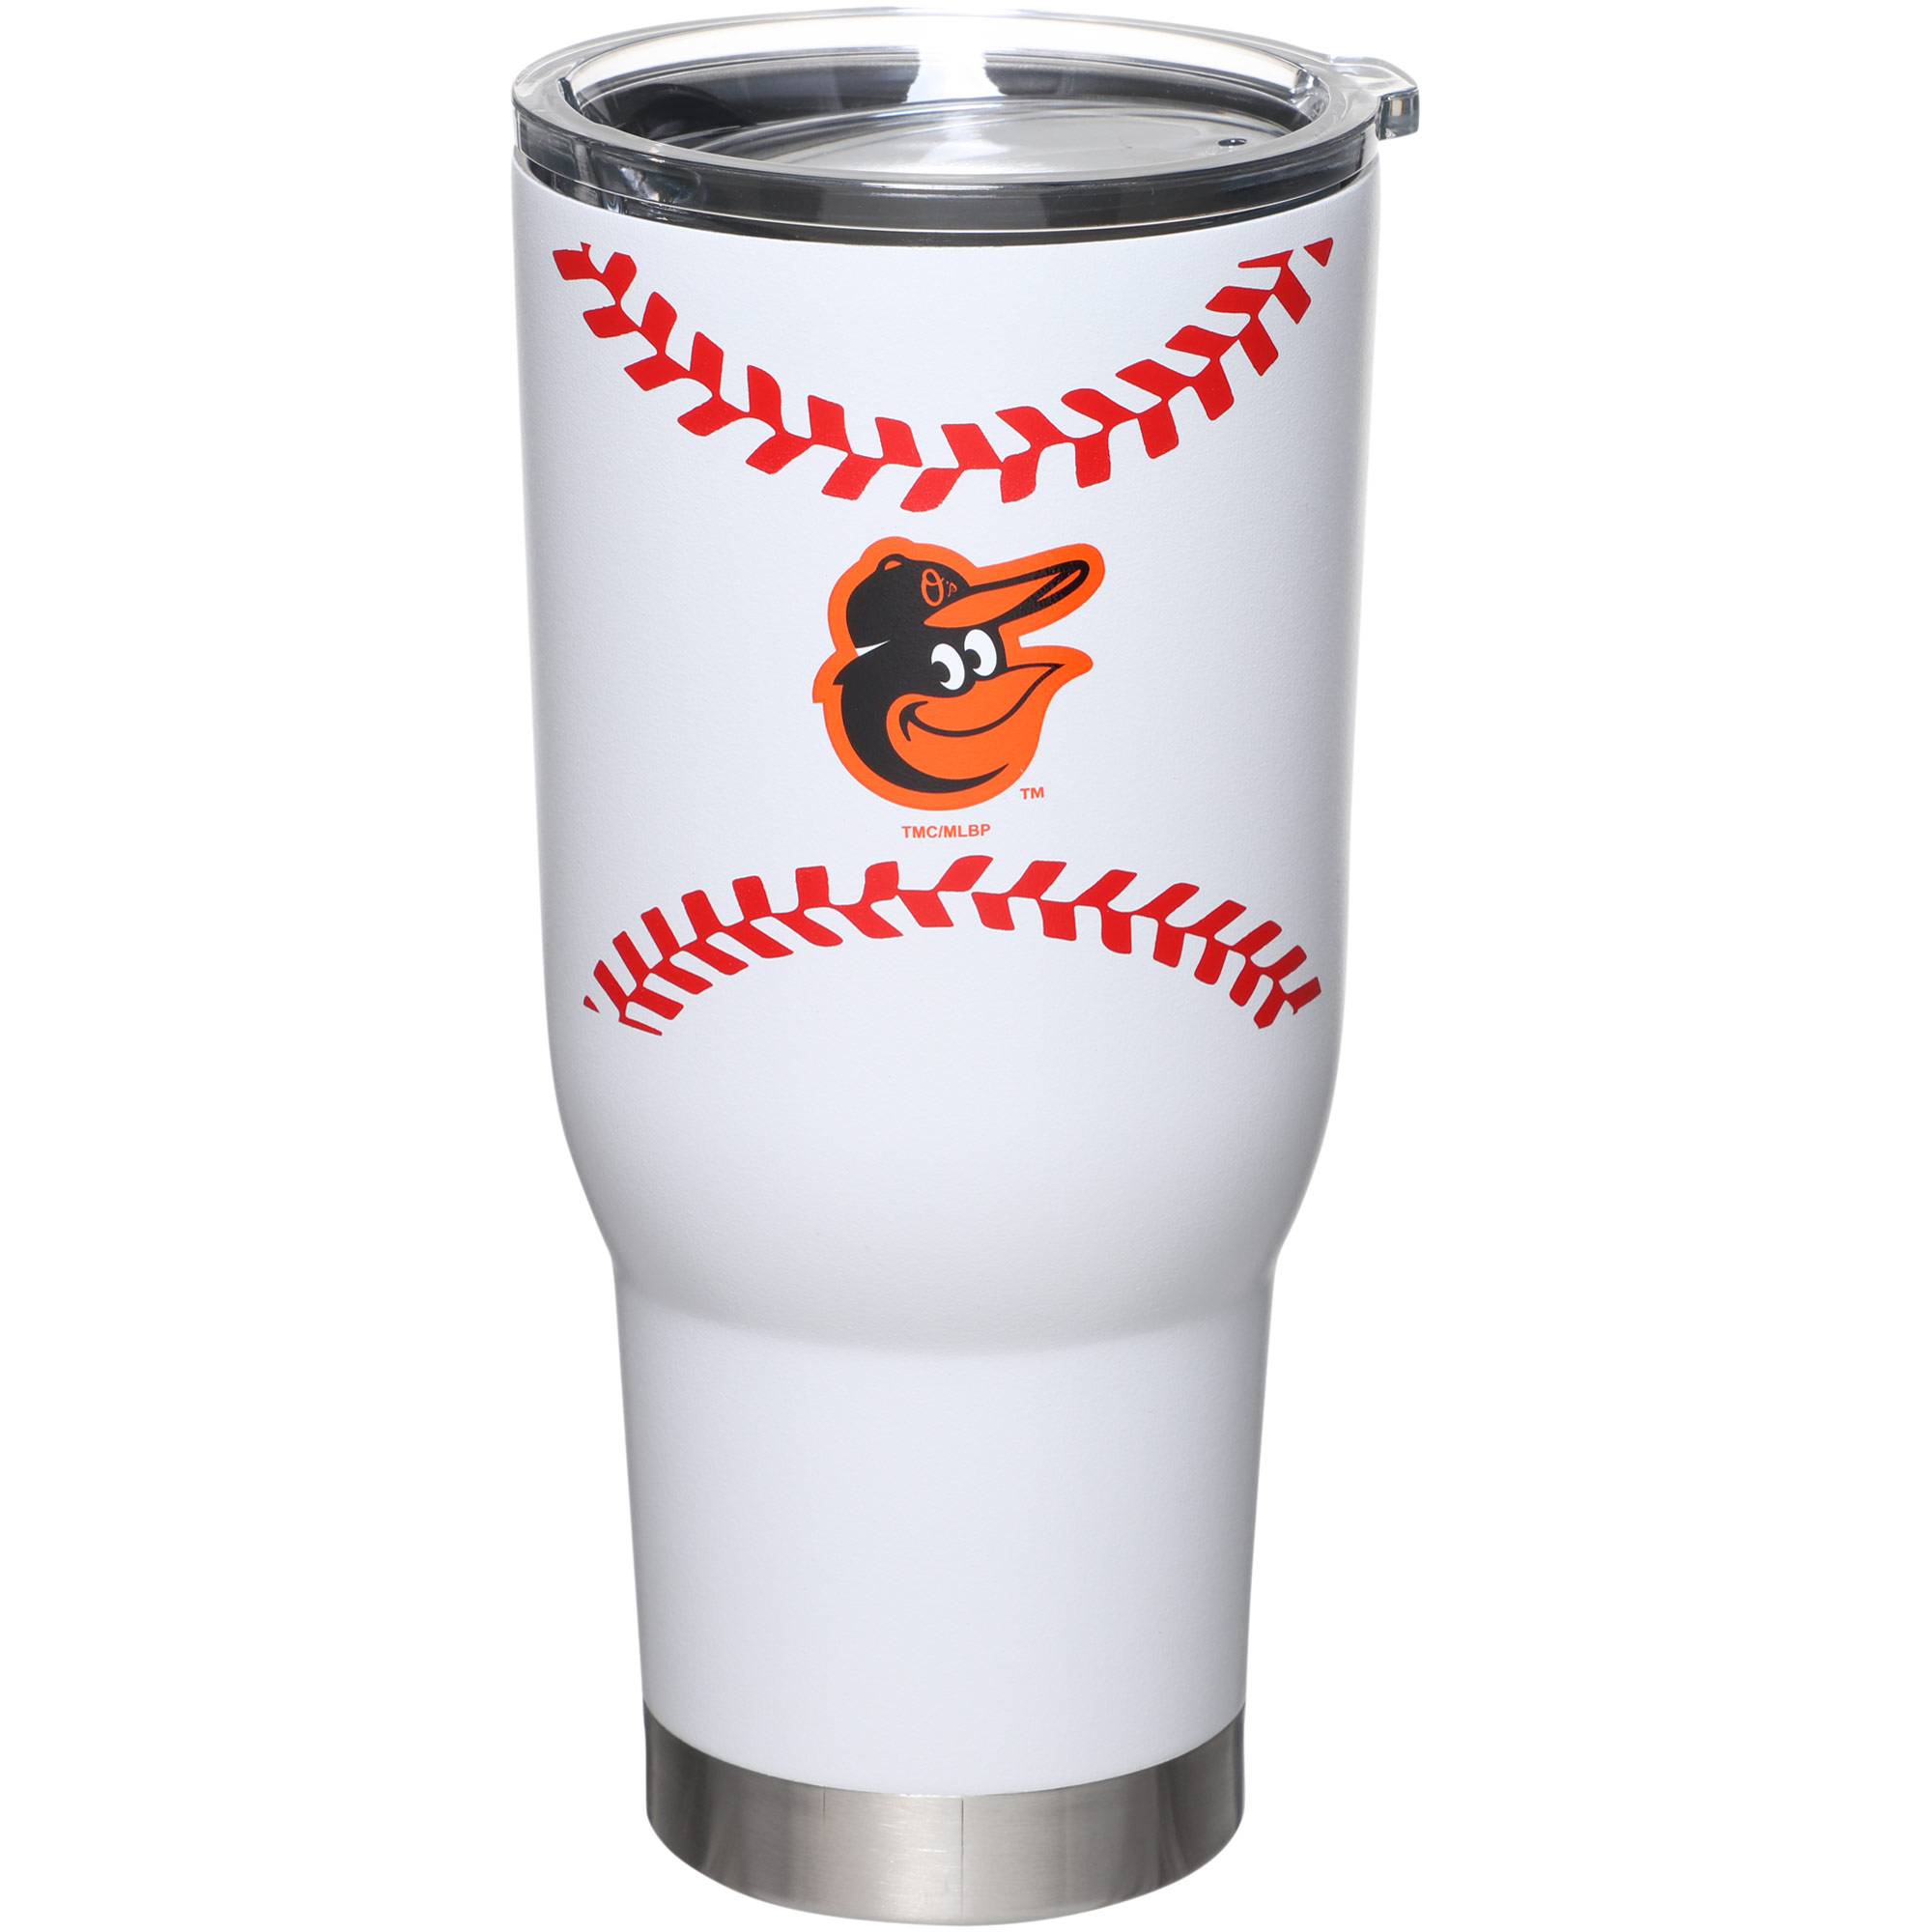 Baltimore Orioles 32oz. Baseball Tumbler - No Size